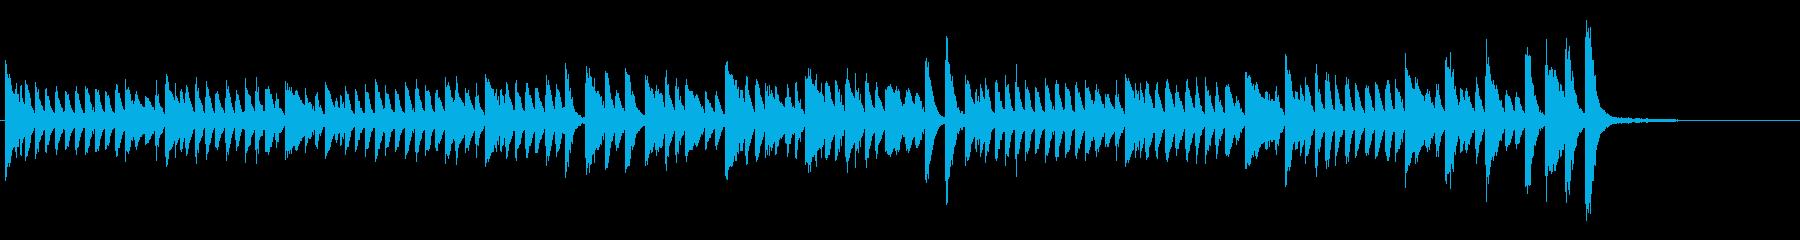 テトリス的ピアノソロの再生済みの波形